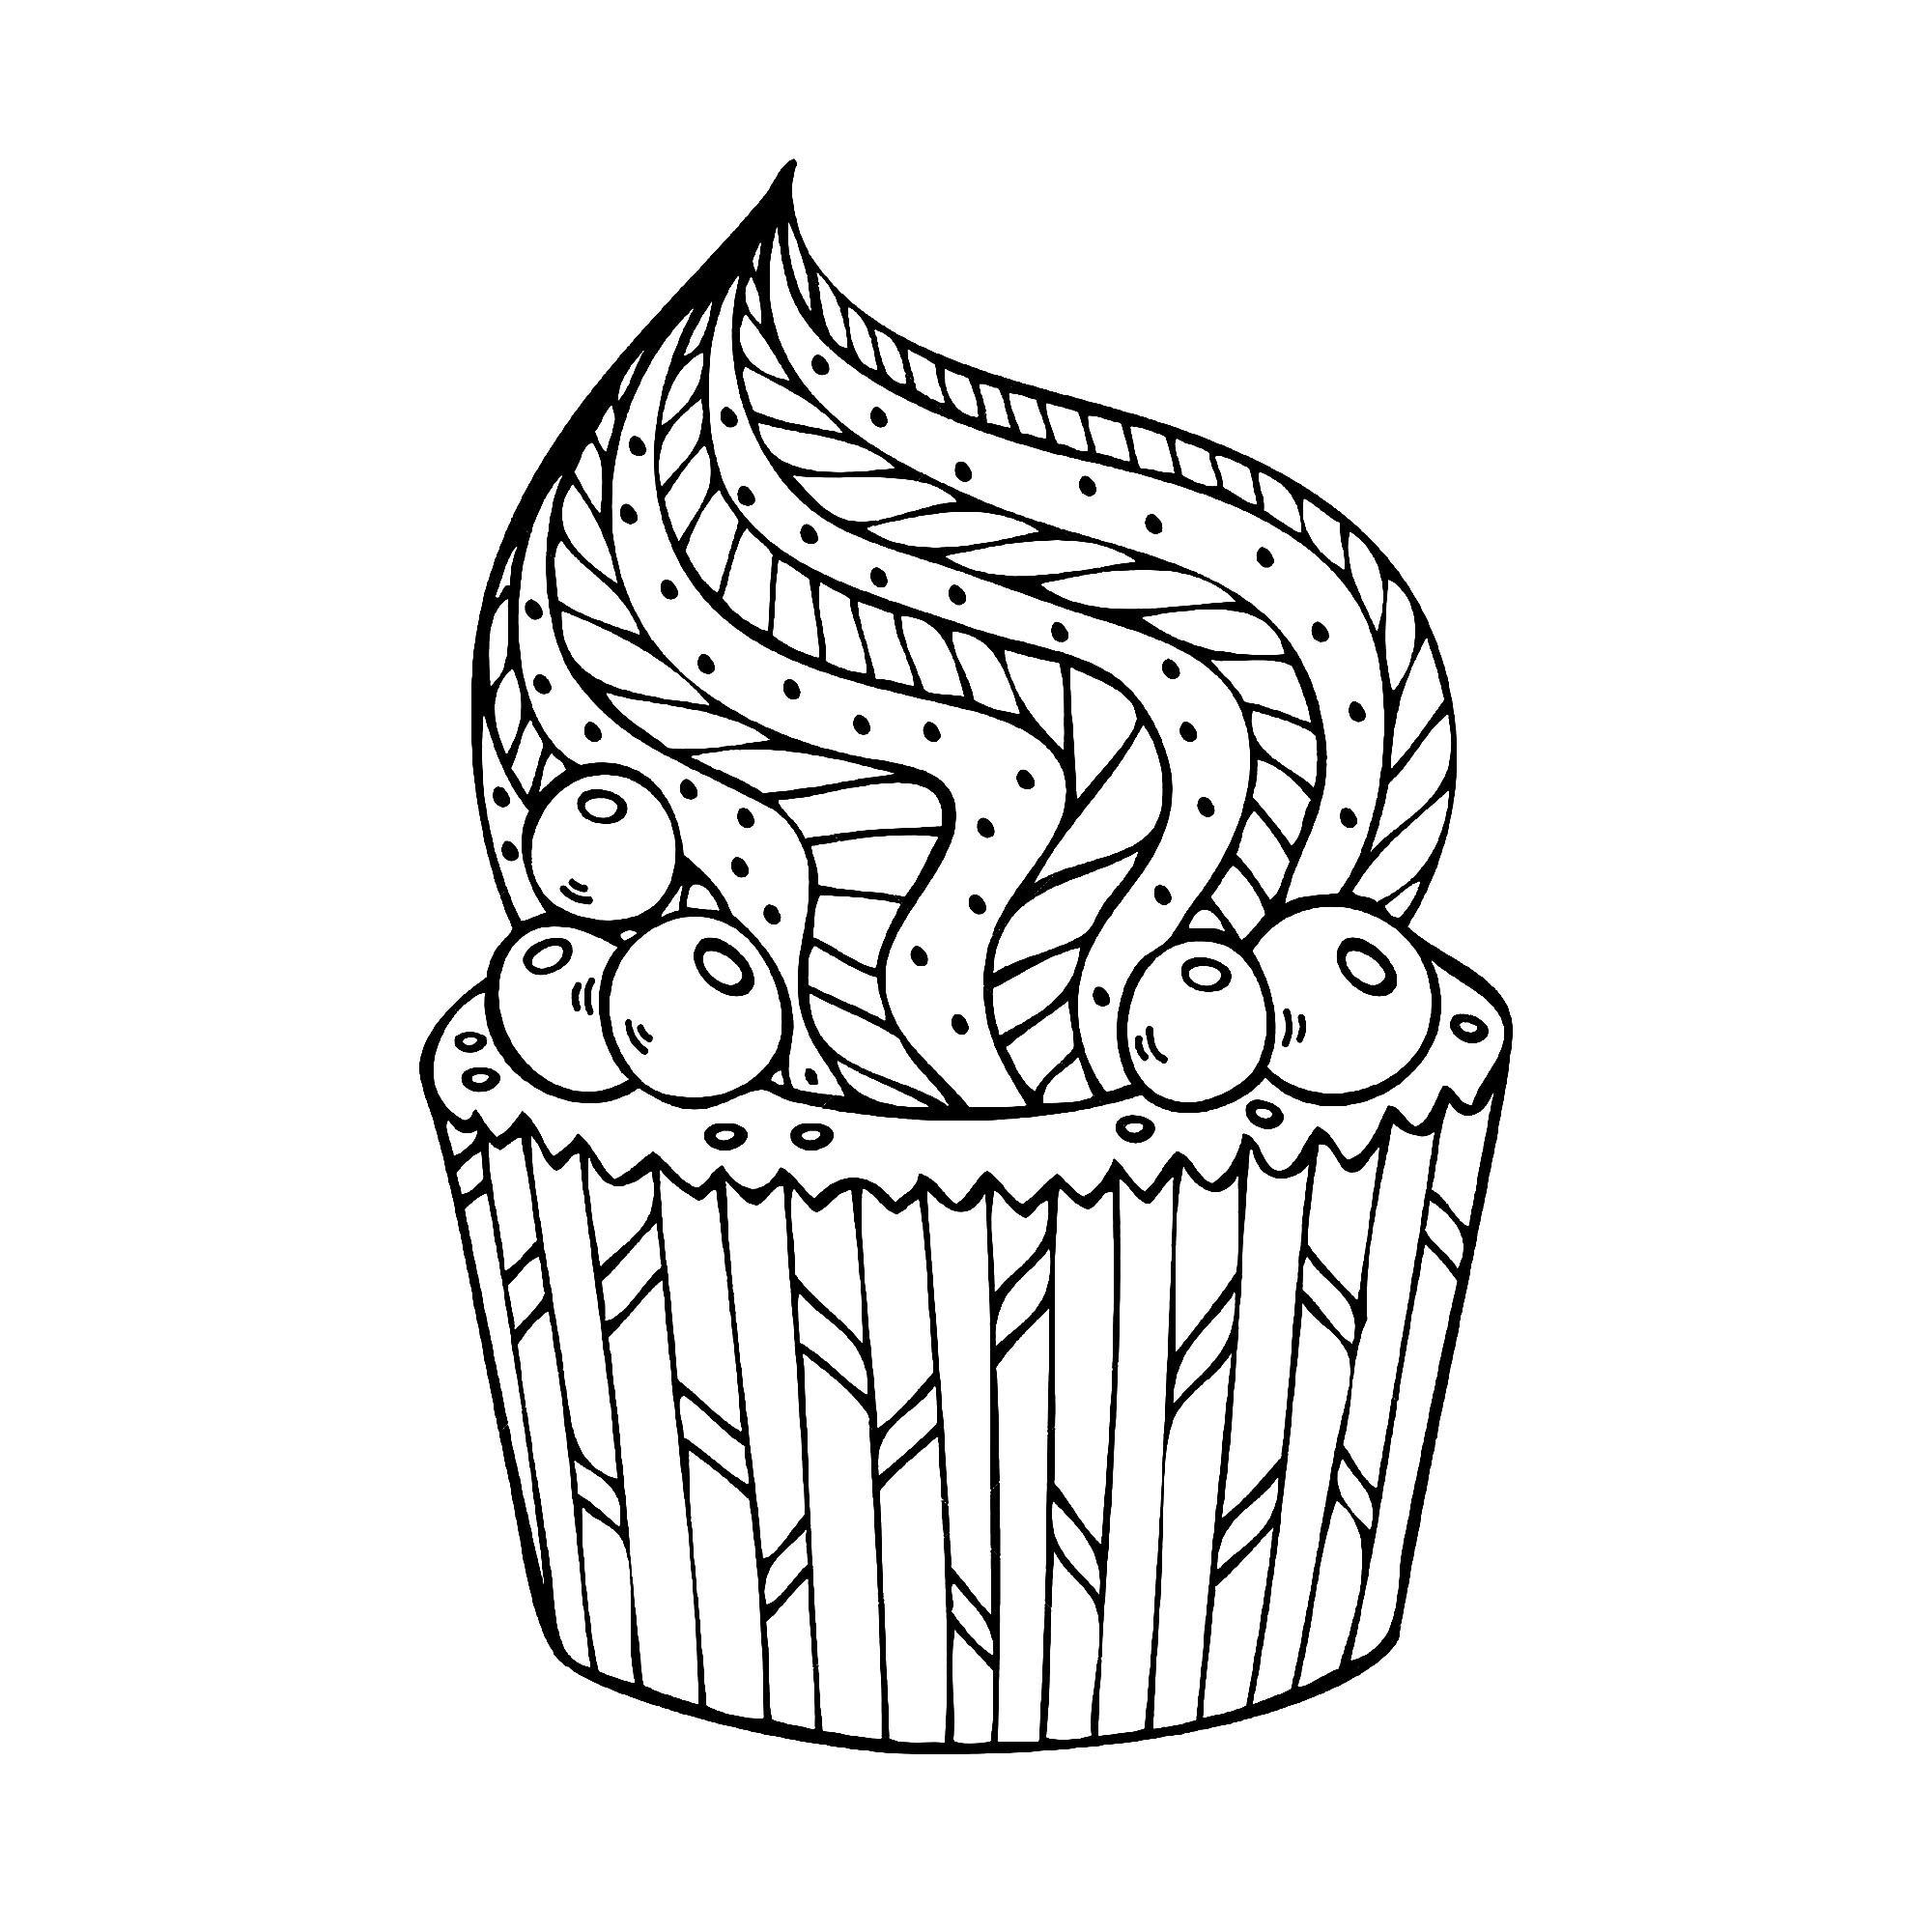 Simple cupcake à colorier - Coloriage Cupcakes et gateaux ...